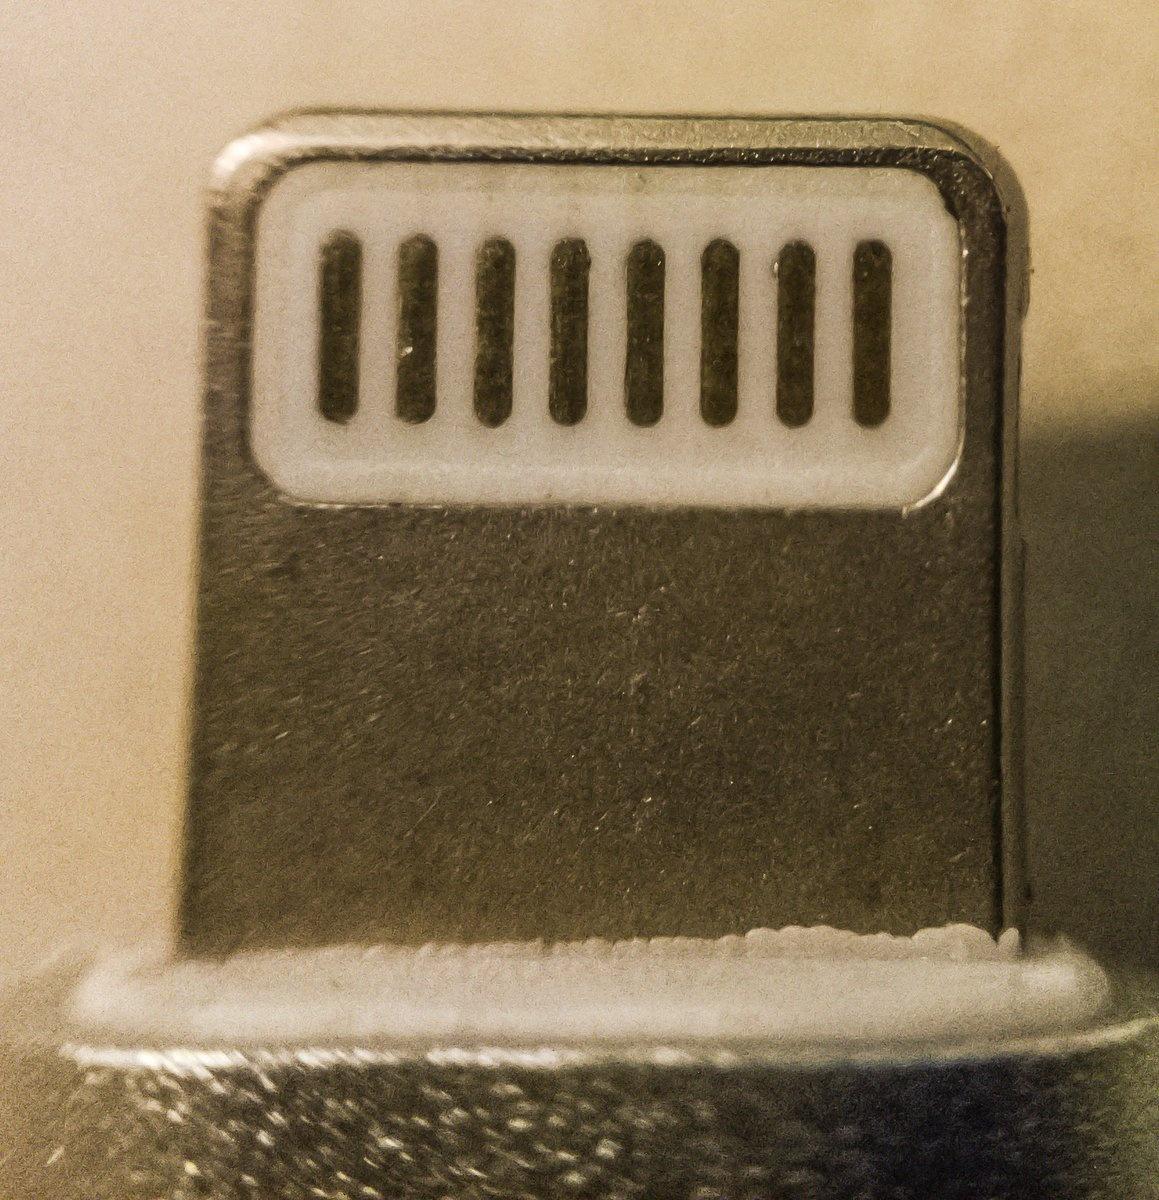 kabel-02b.jpg